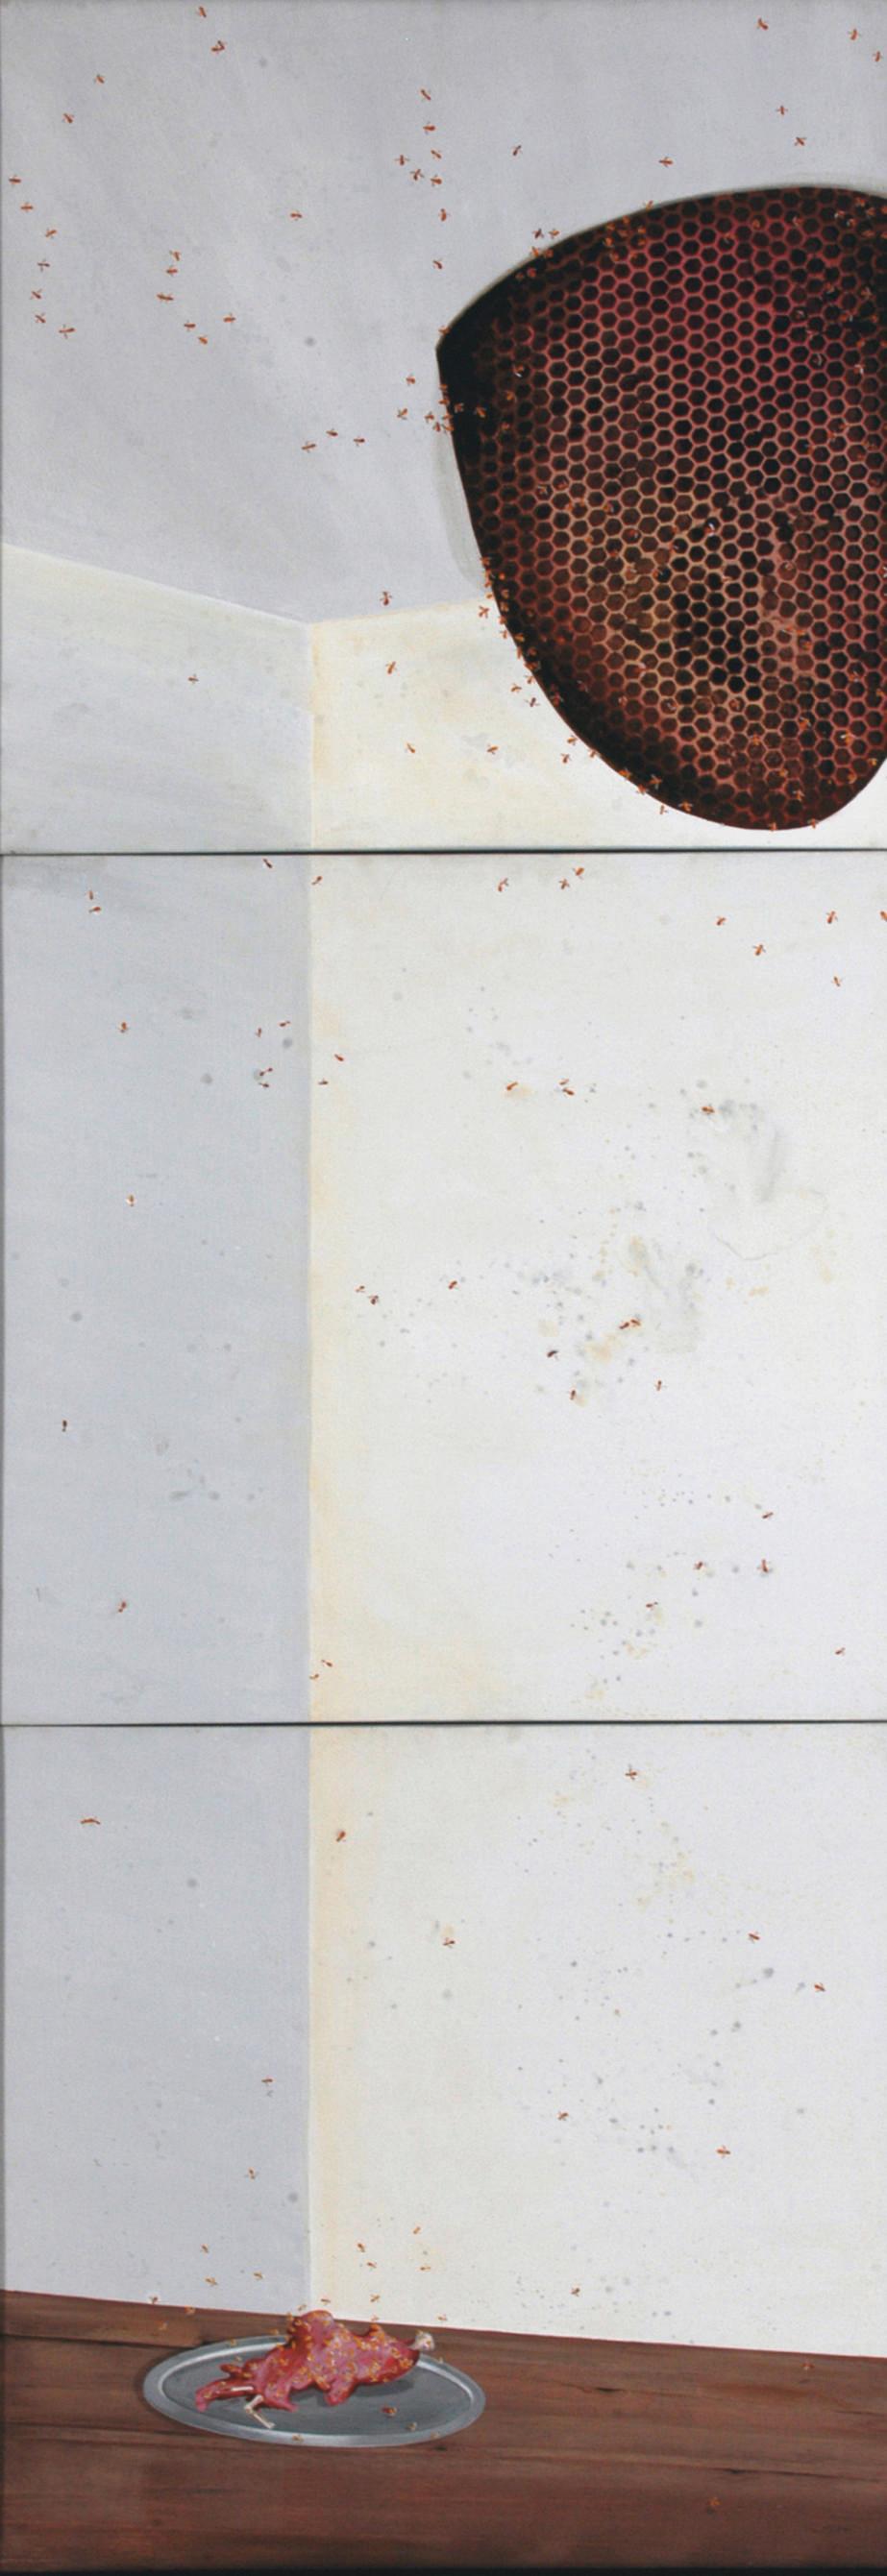 Jagannath Panda (b. 1970)